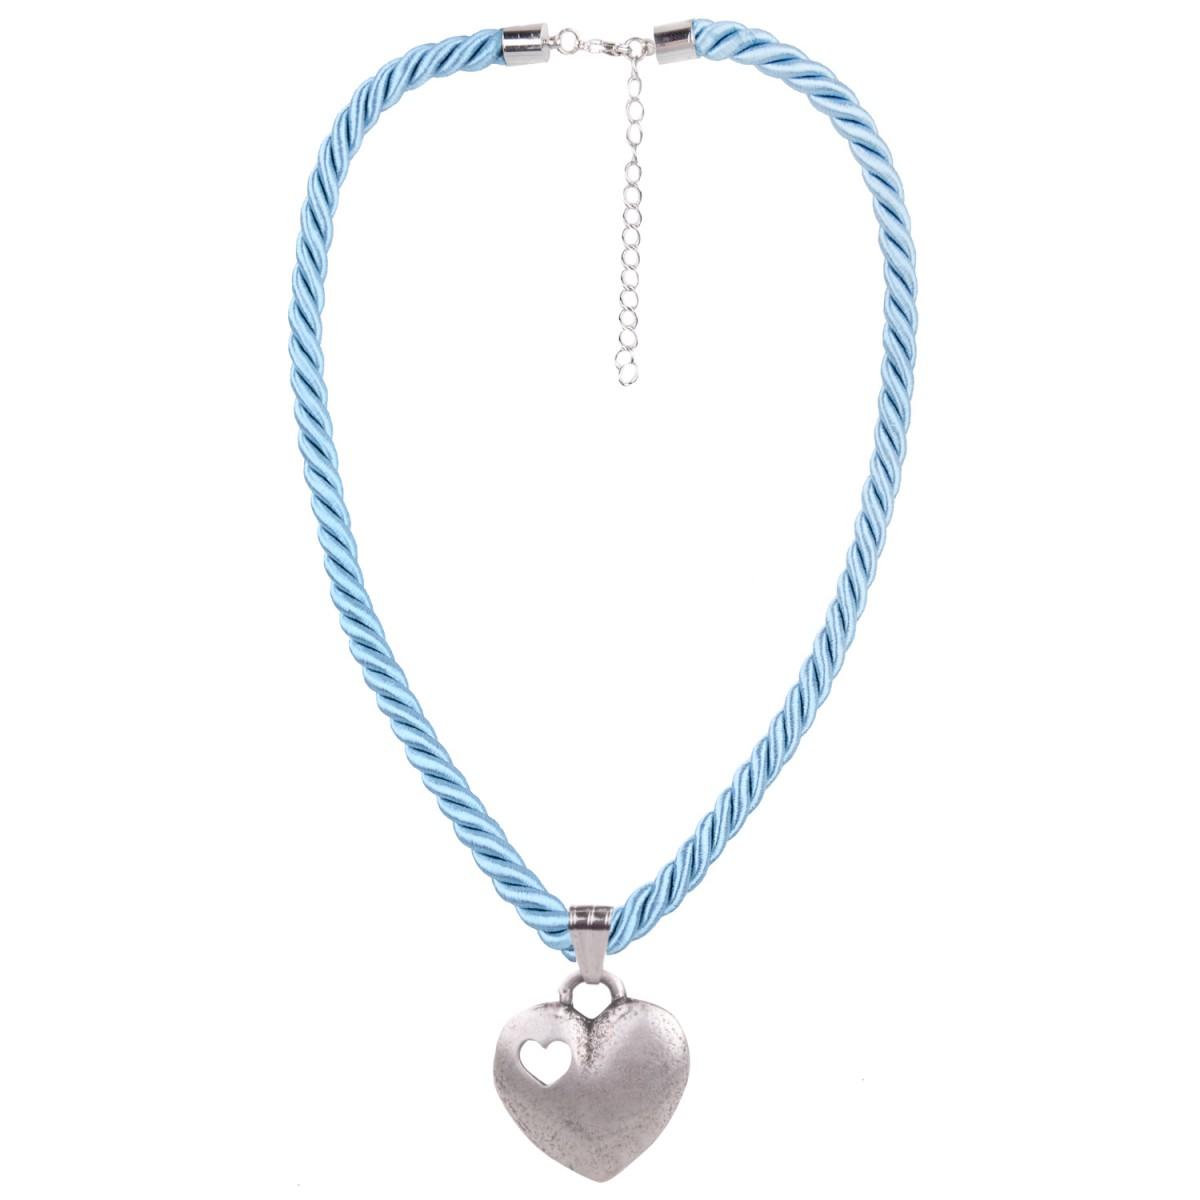 Kordelkette mit Herzanhänger in Hellblau von Schlick Accessoires günstig online kaufen